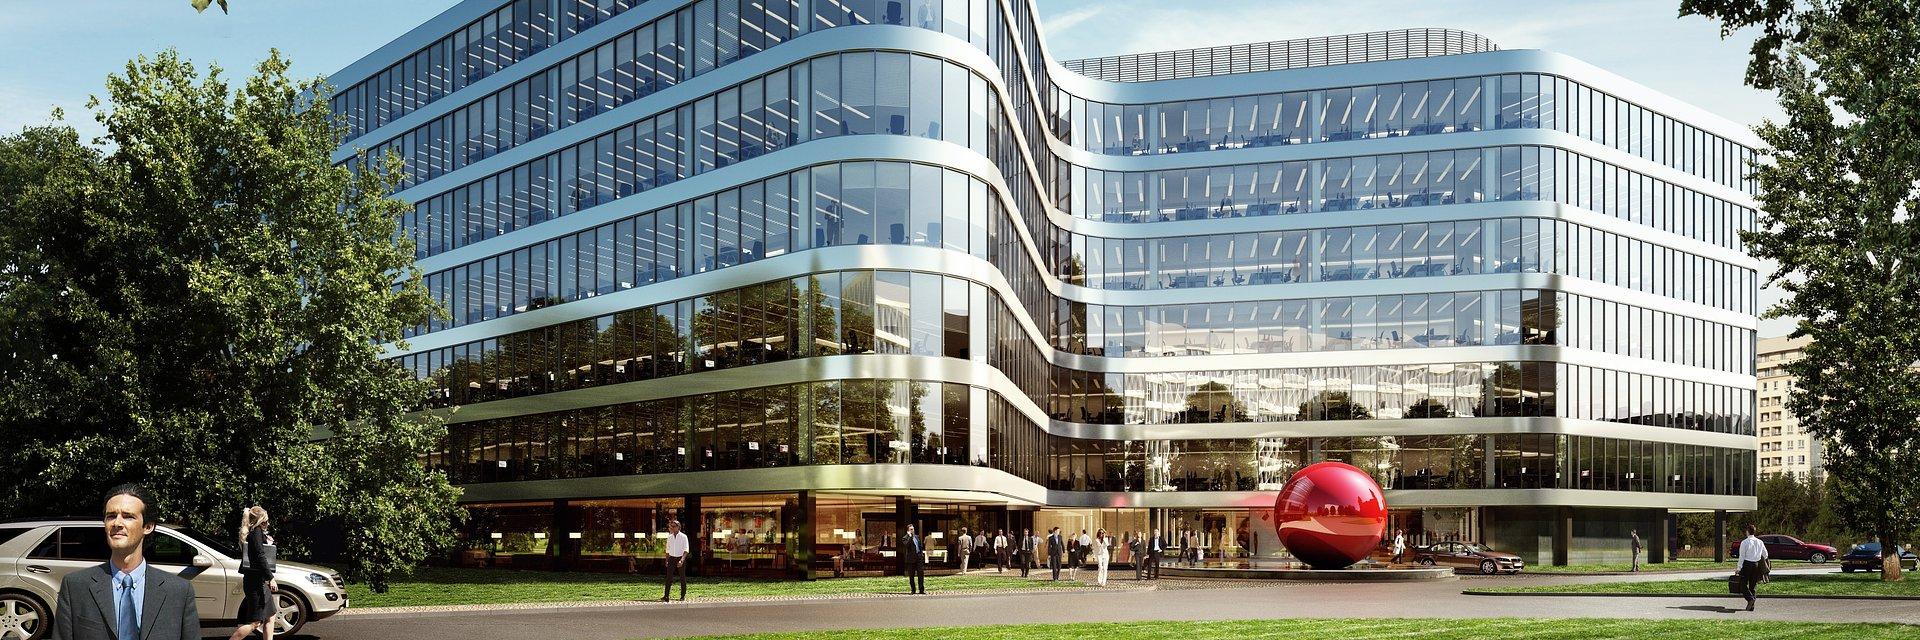 CBRE skomercjalizuje biurowiec Dor Plaza na warszawskim Okęciu